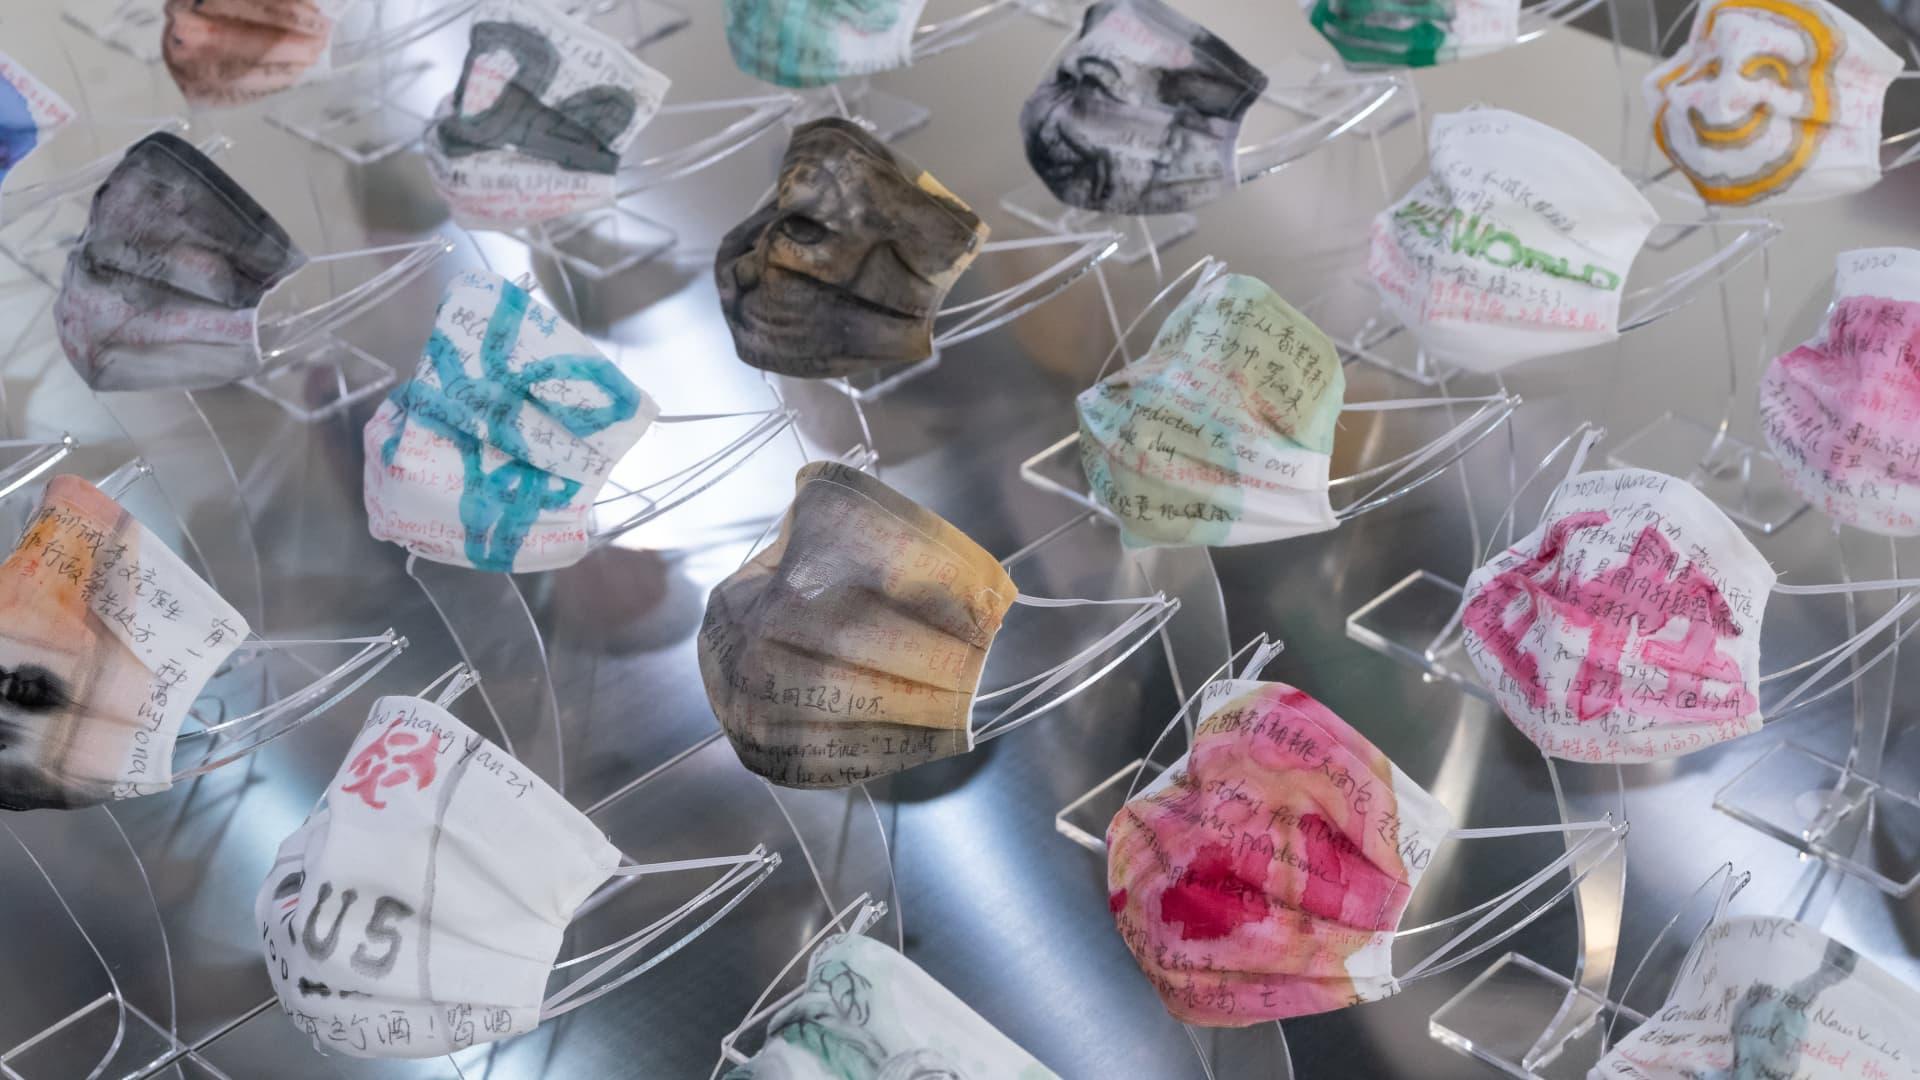 Face masks emerged as new canvases at Art Basel Hong Kong 2021.